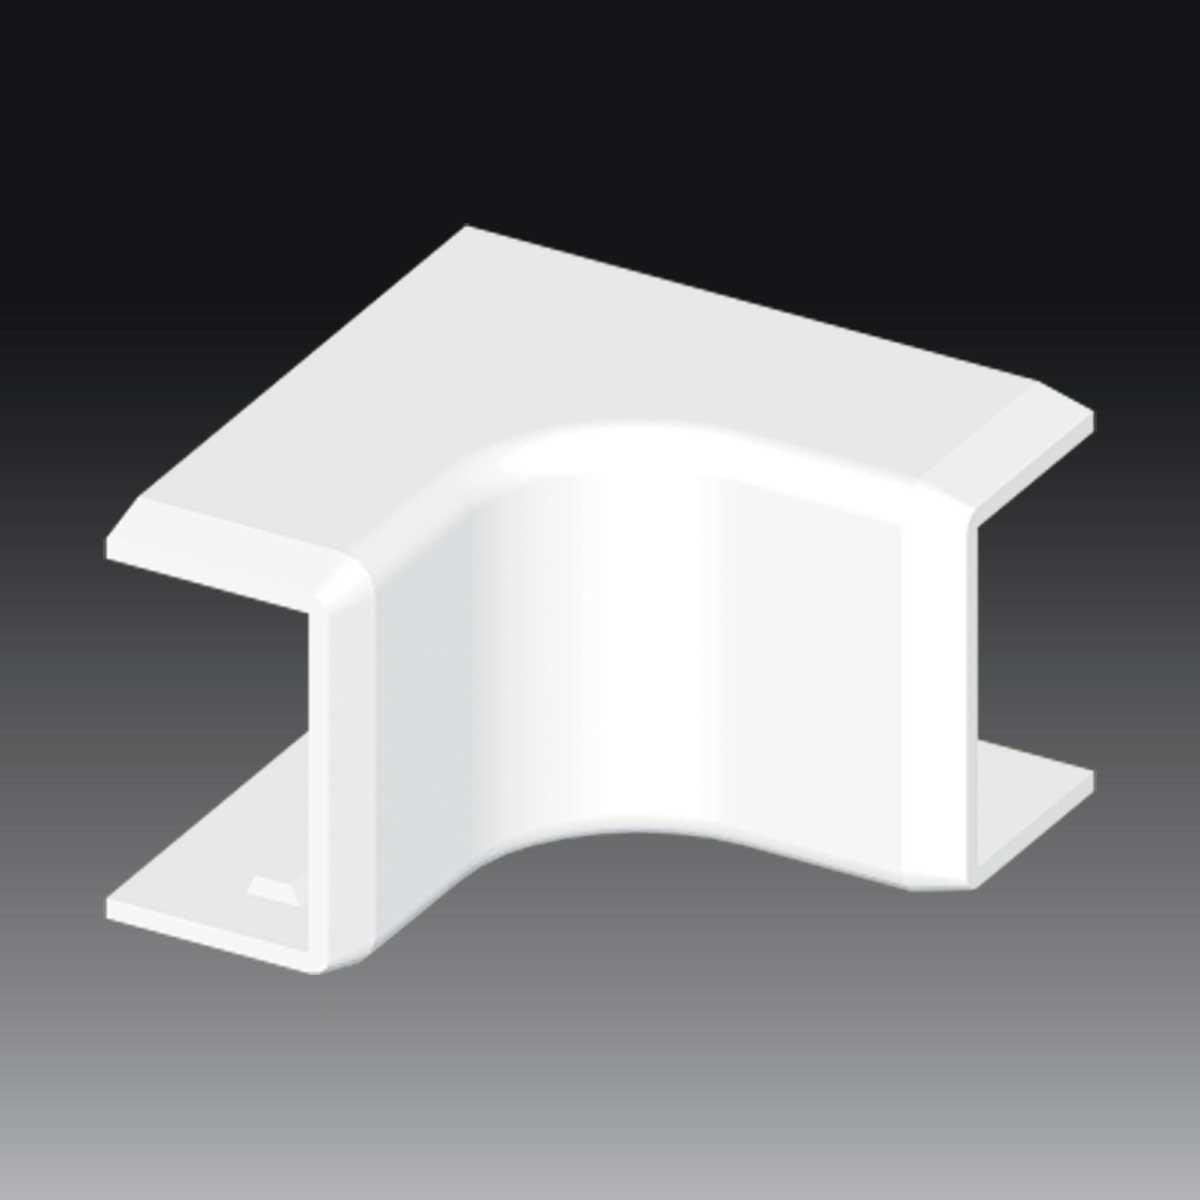 Внутрішній кут до LHD 25х15  білого кольору; Серія LH; ПВХ